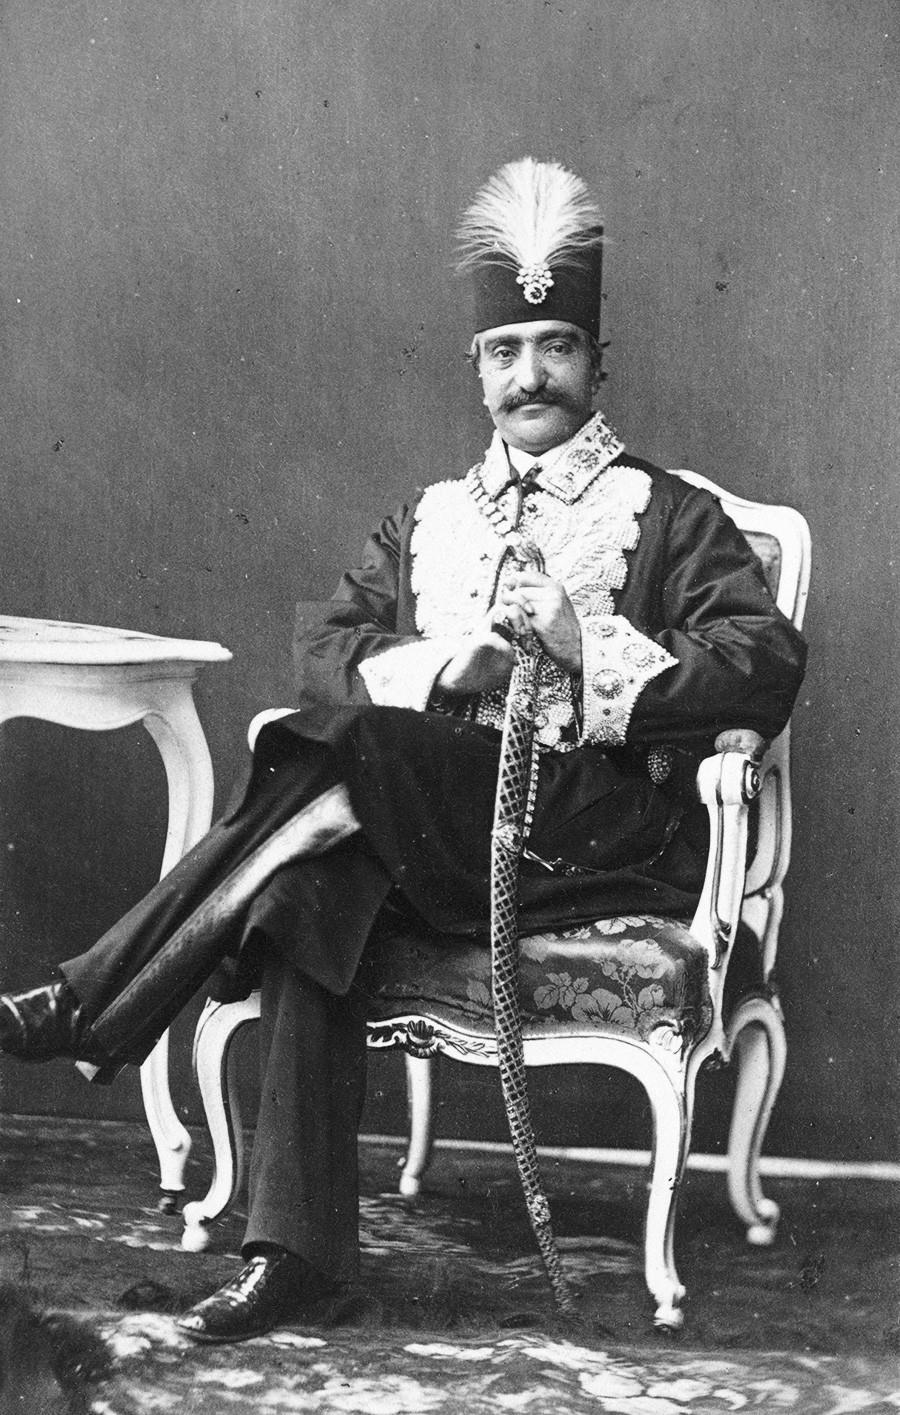 Иран, око 1873. године: Насер ал-Дин Шах, владар Персије, за време светске изложбе у Бечу.